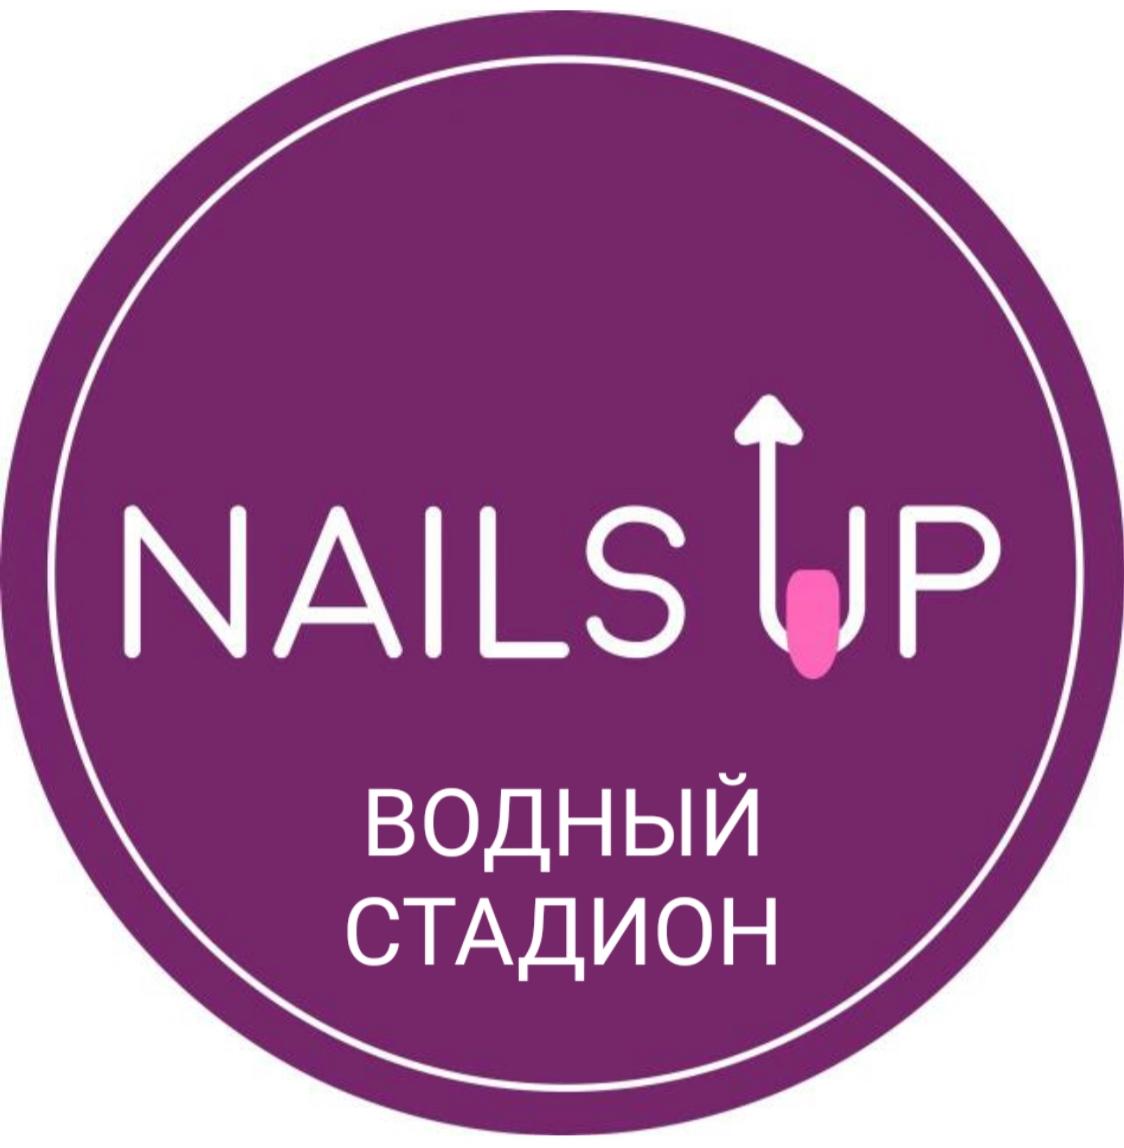 Nails_up